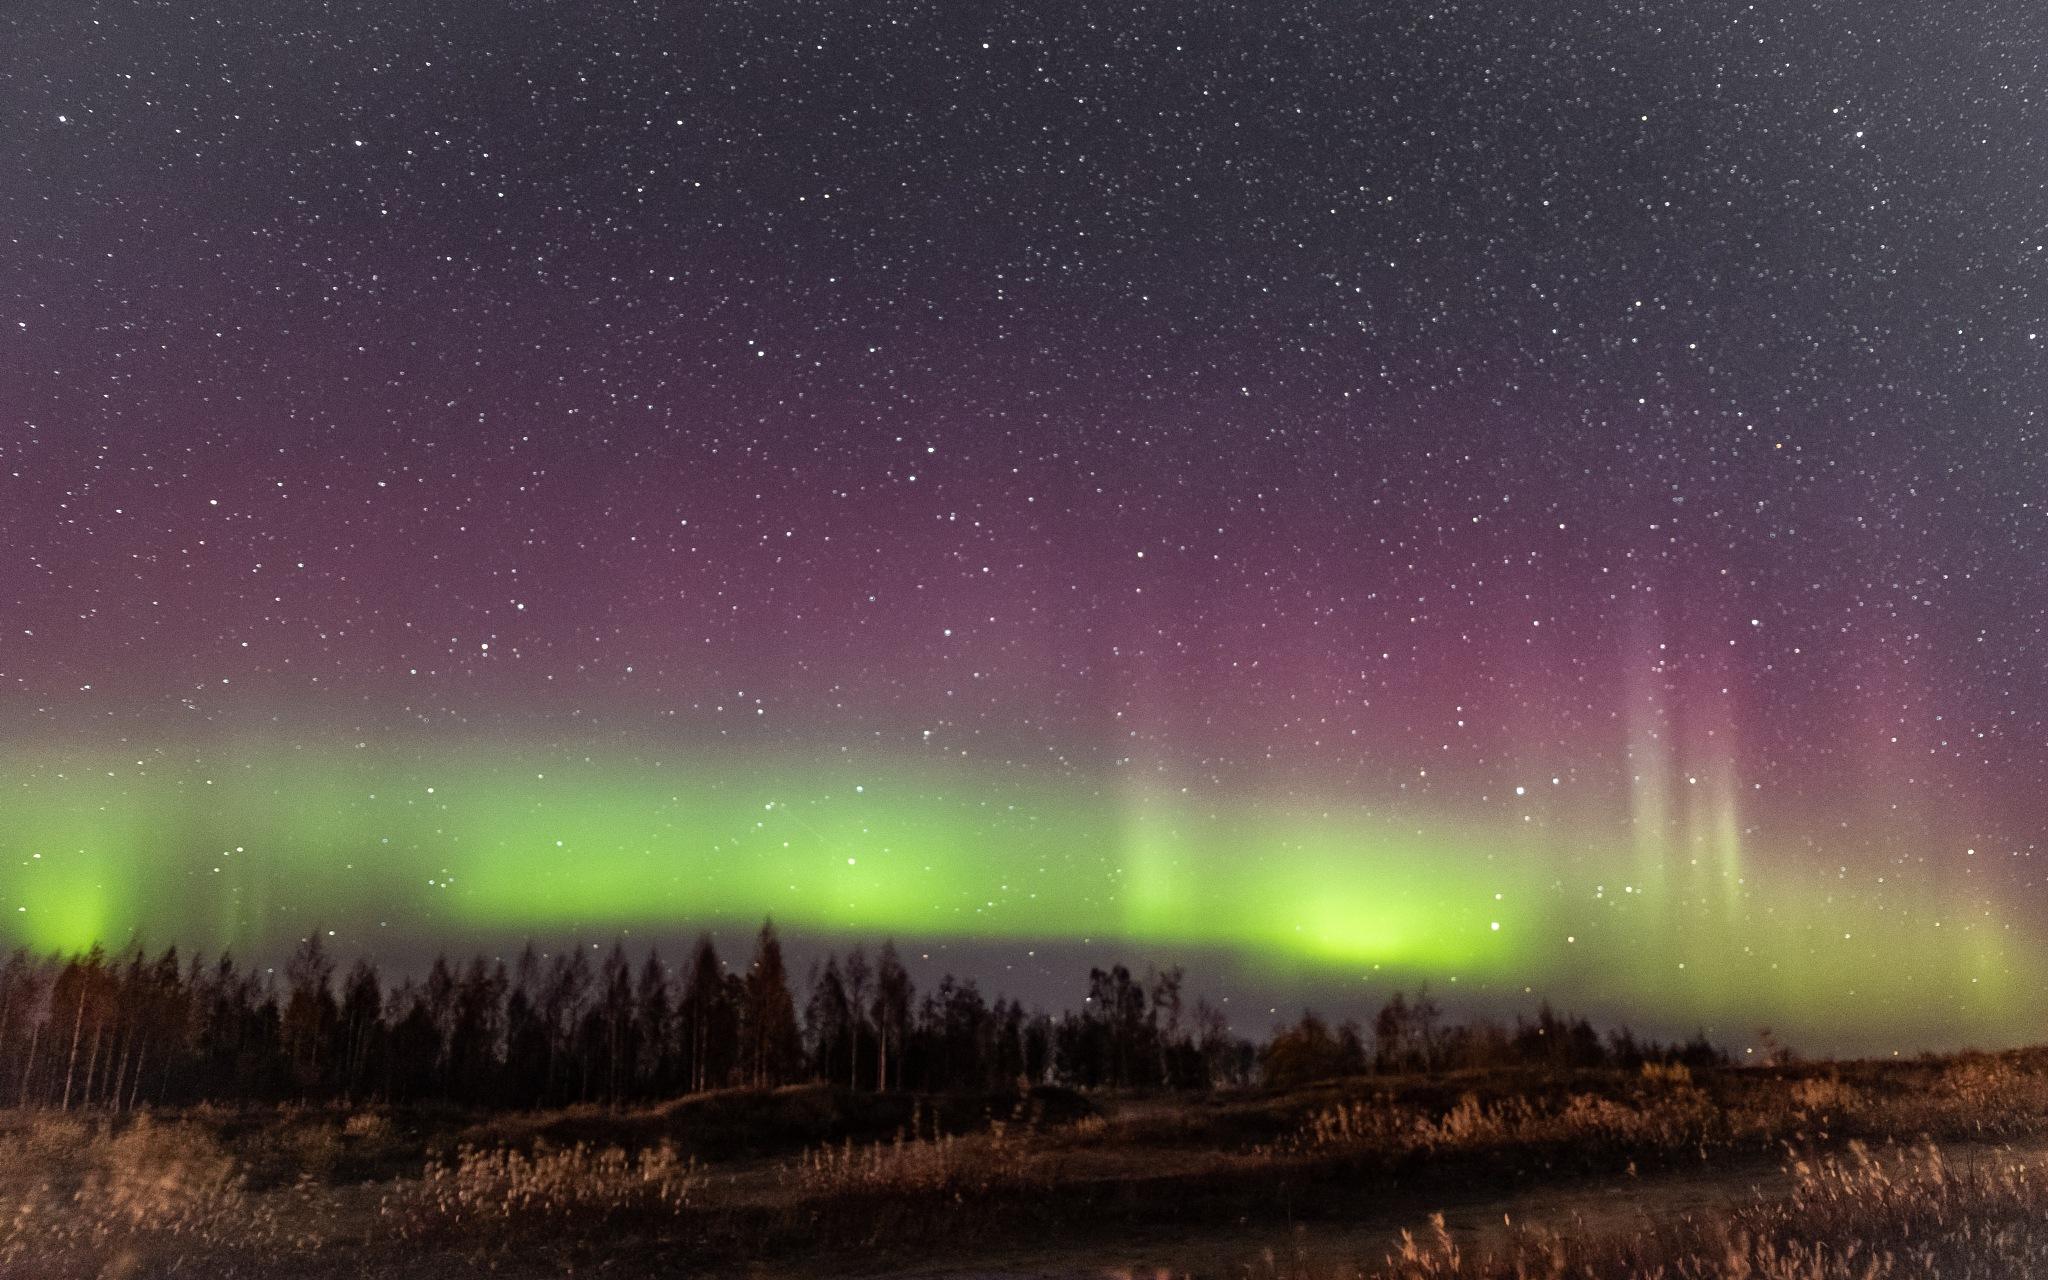 Northern lights by Janne Karppinen